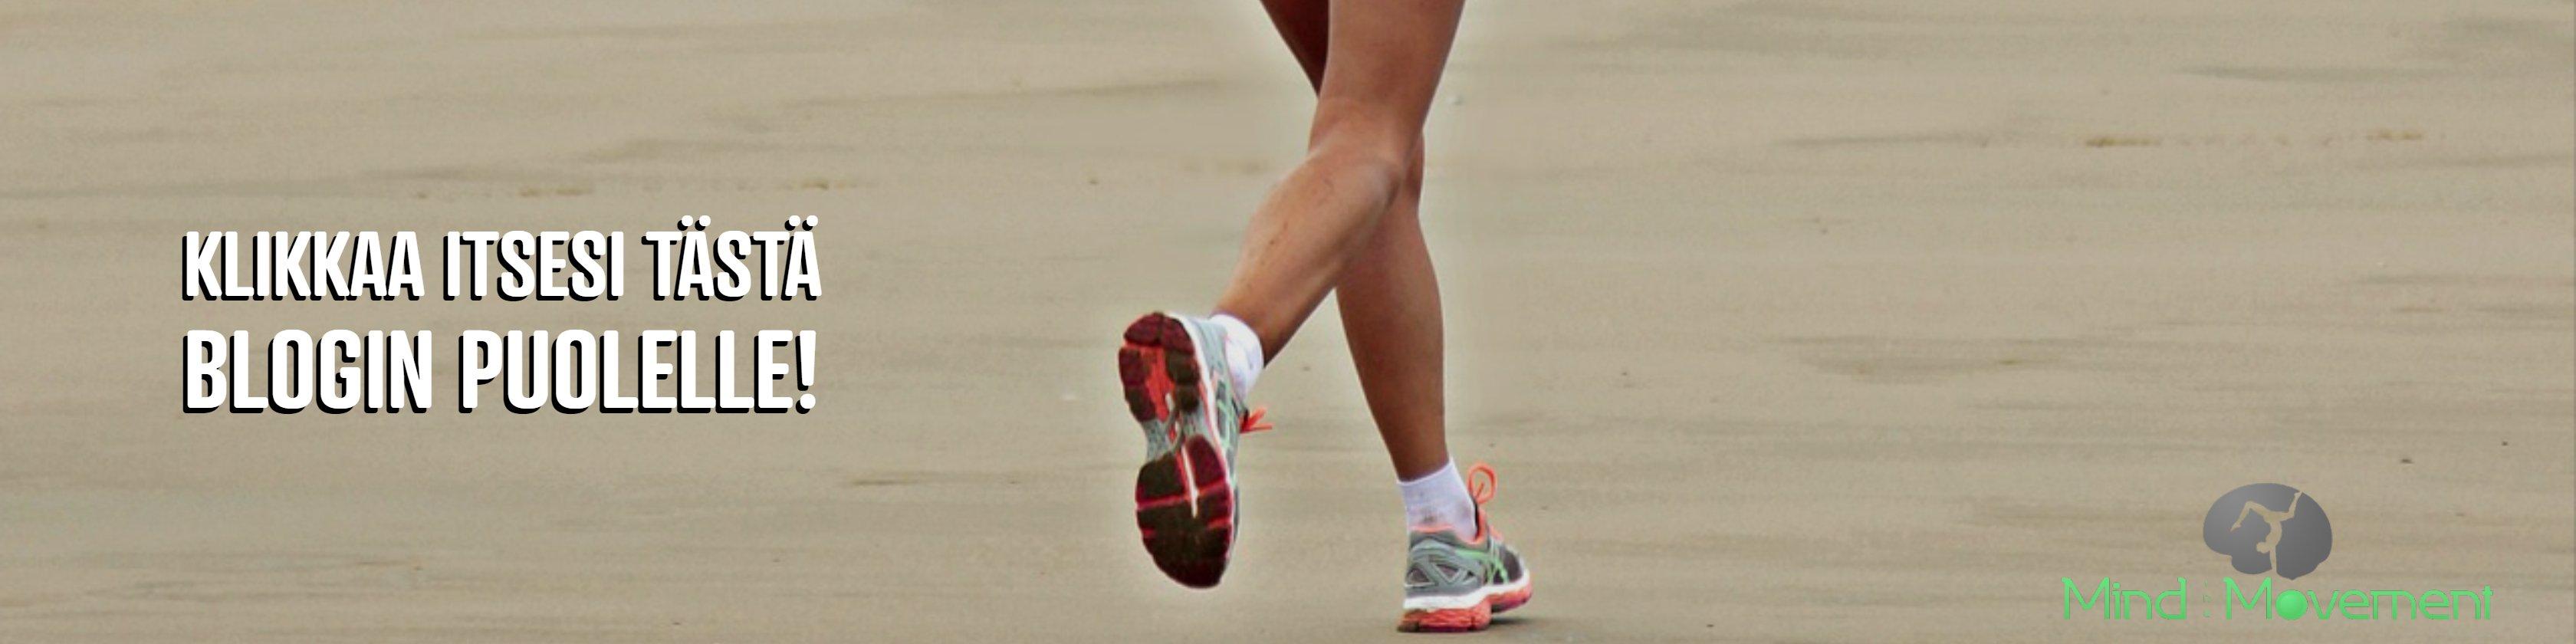 Käy tutustumassa viimeisimpiin fysioterapiablogi